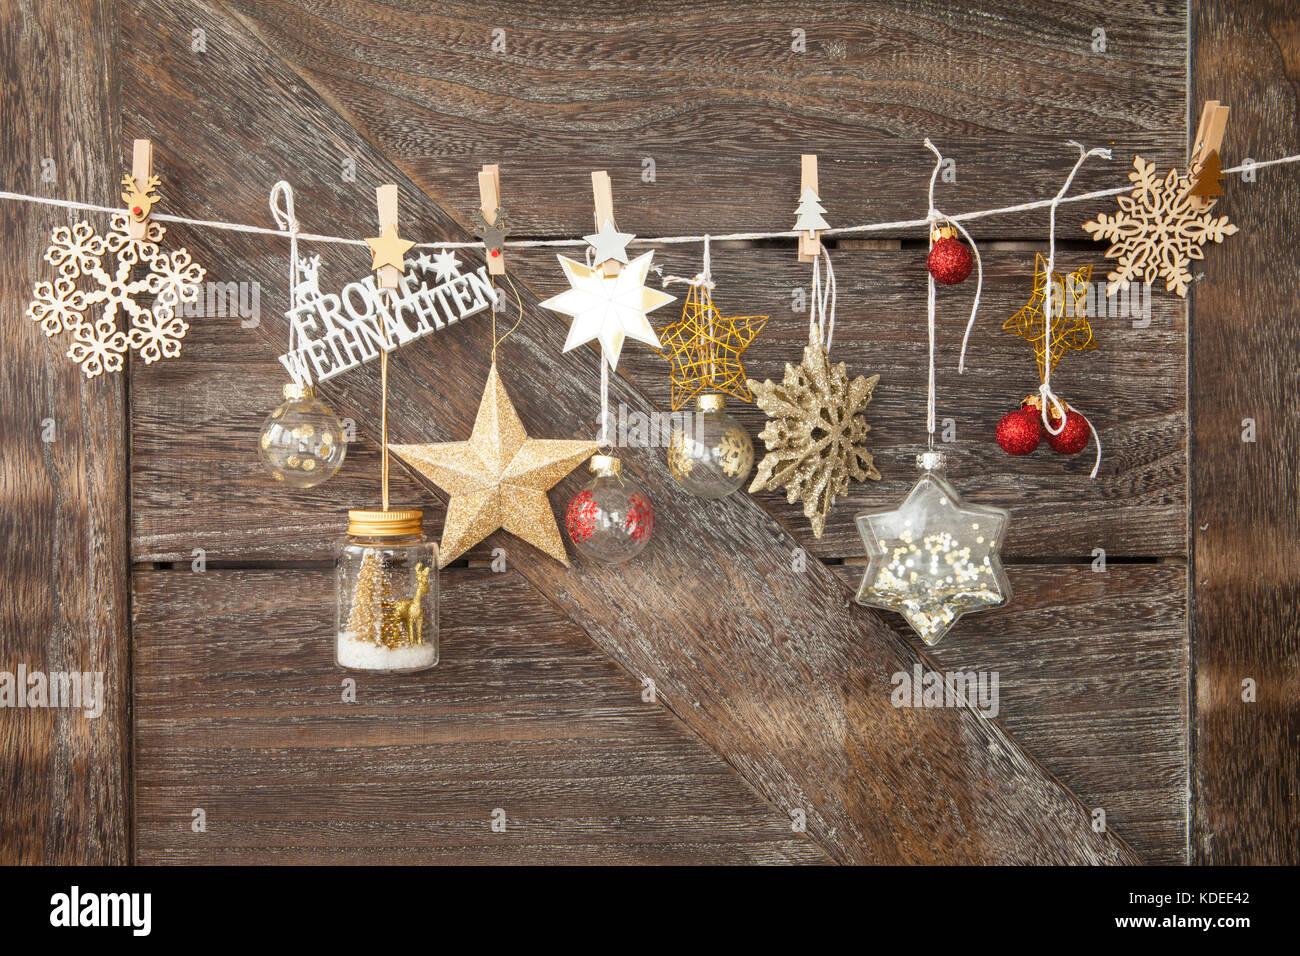 Rustikal Weihnachten Hintergrund mit festlichen Verzierungen, frohe ...